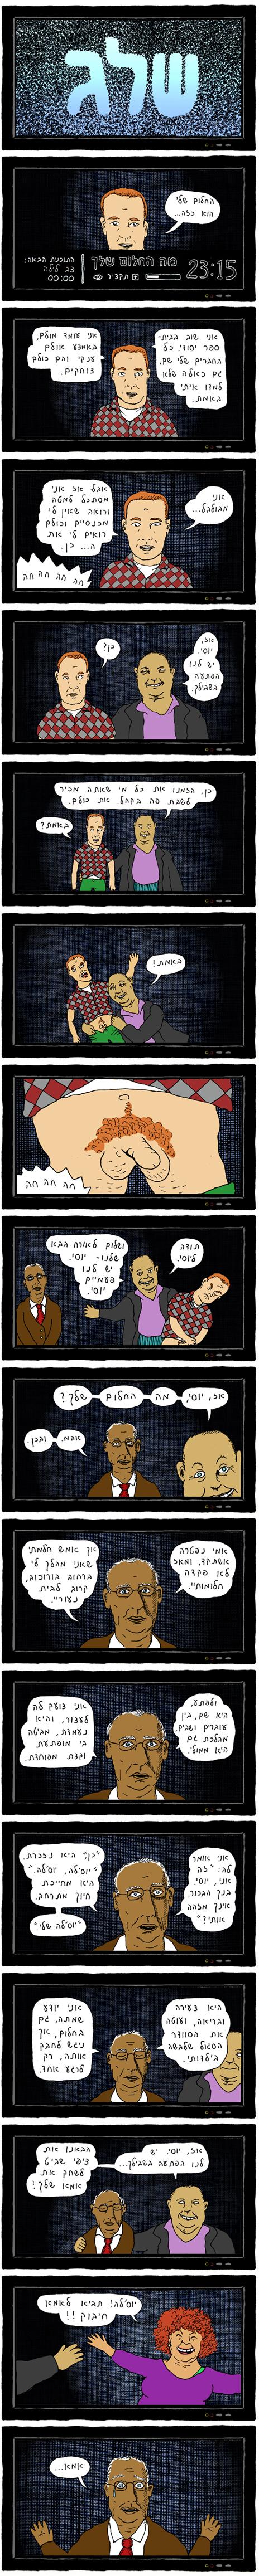 """""""שלג"""", פרק 5 - קומיקס מאת טדי גולדנברג"""